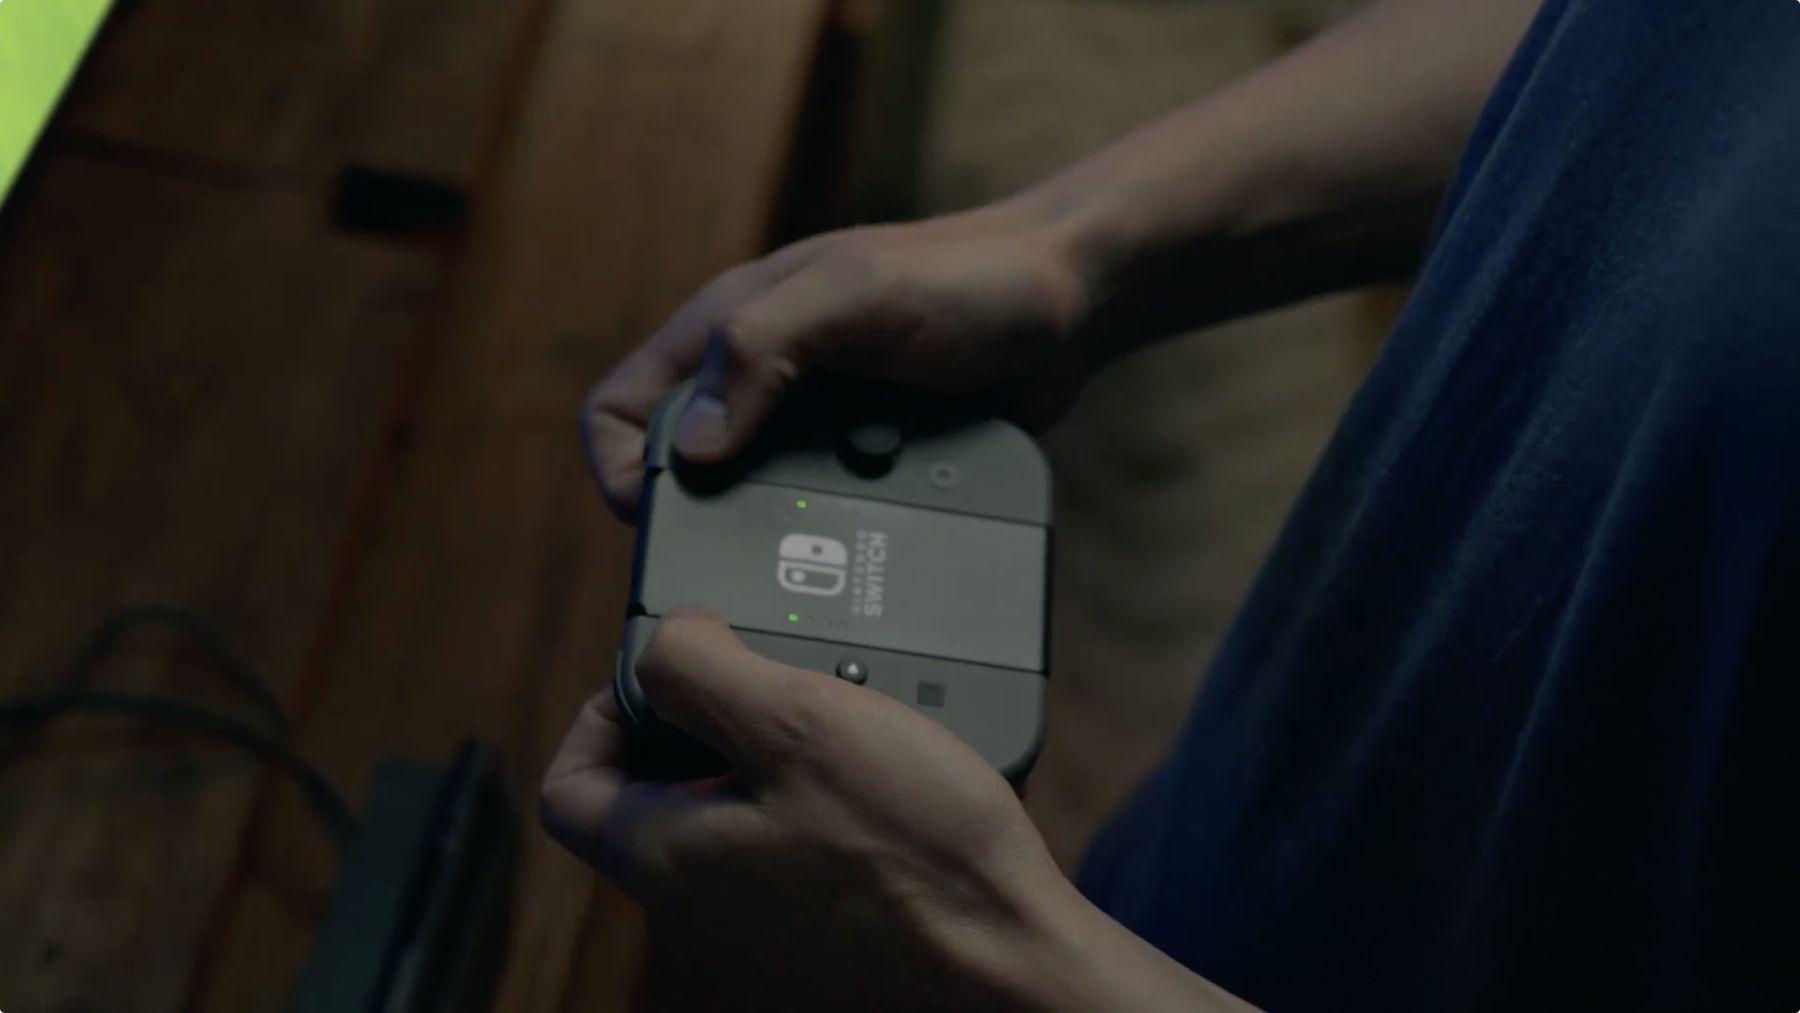 Les contrôleurs Joy-Con de la Nintendo Switch se combinent avec le Joy-Con Grip